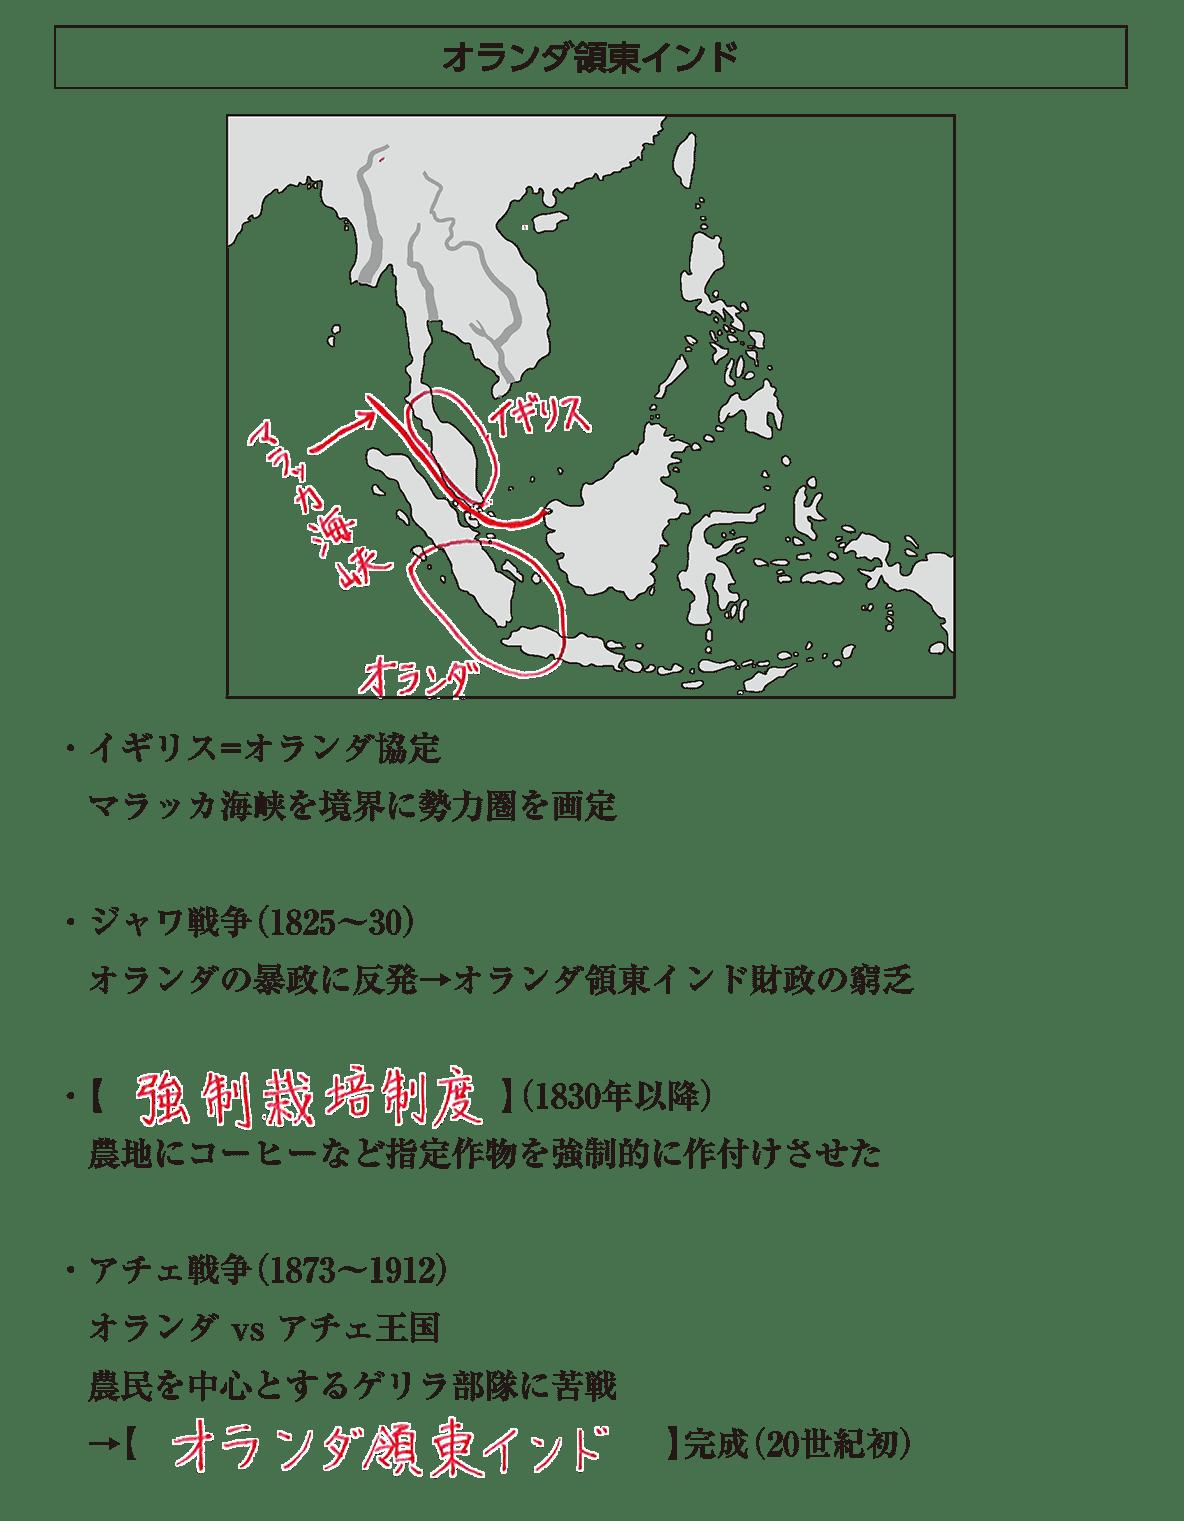 アジア諸地域の植民地化2 ポイント1 答え全部